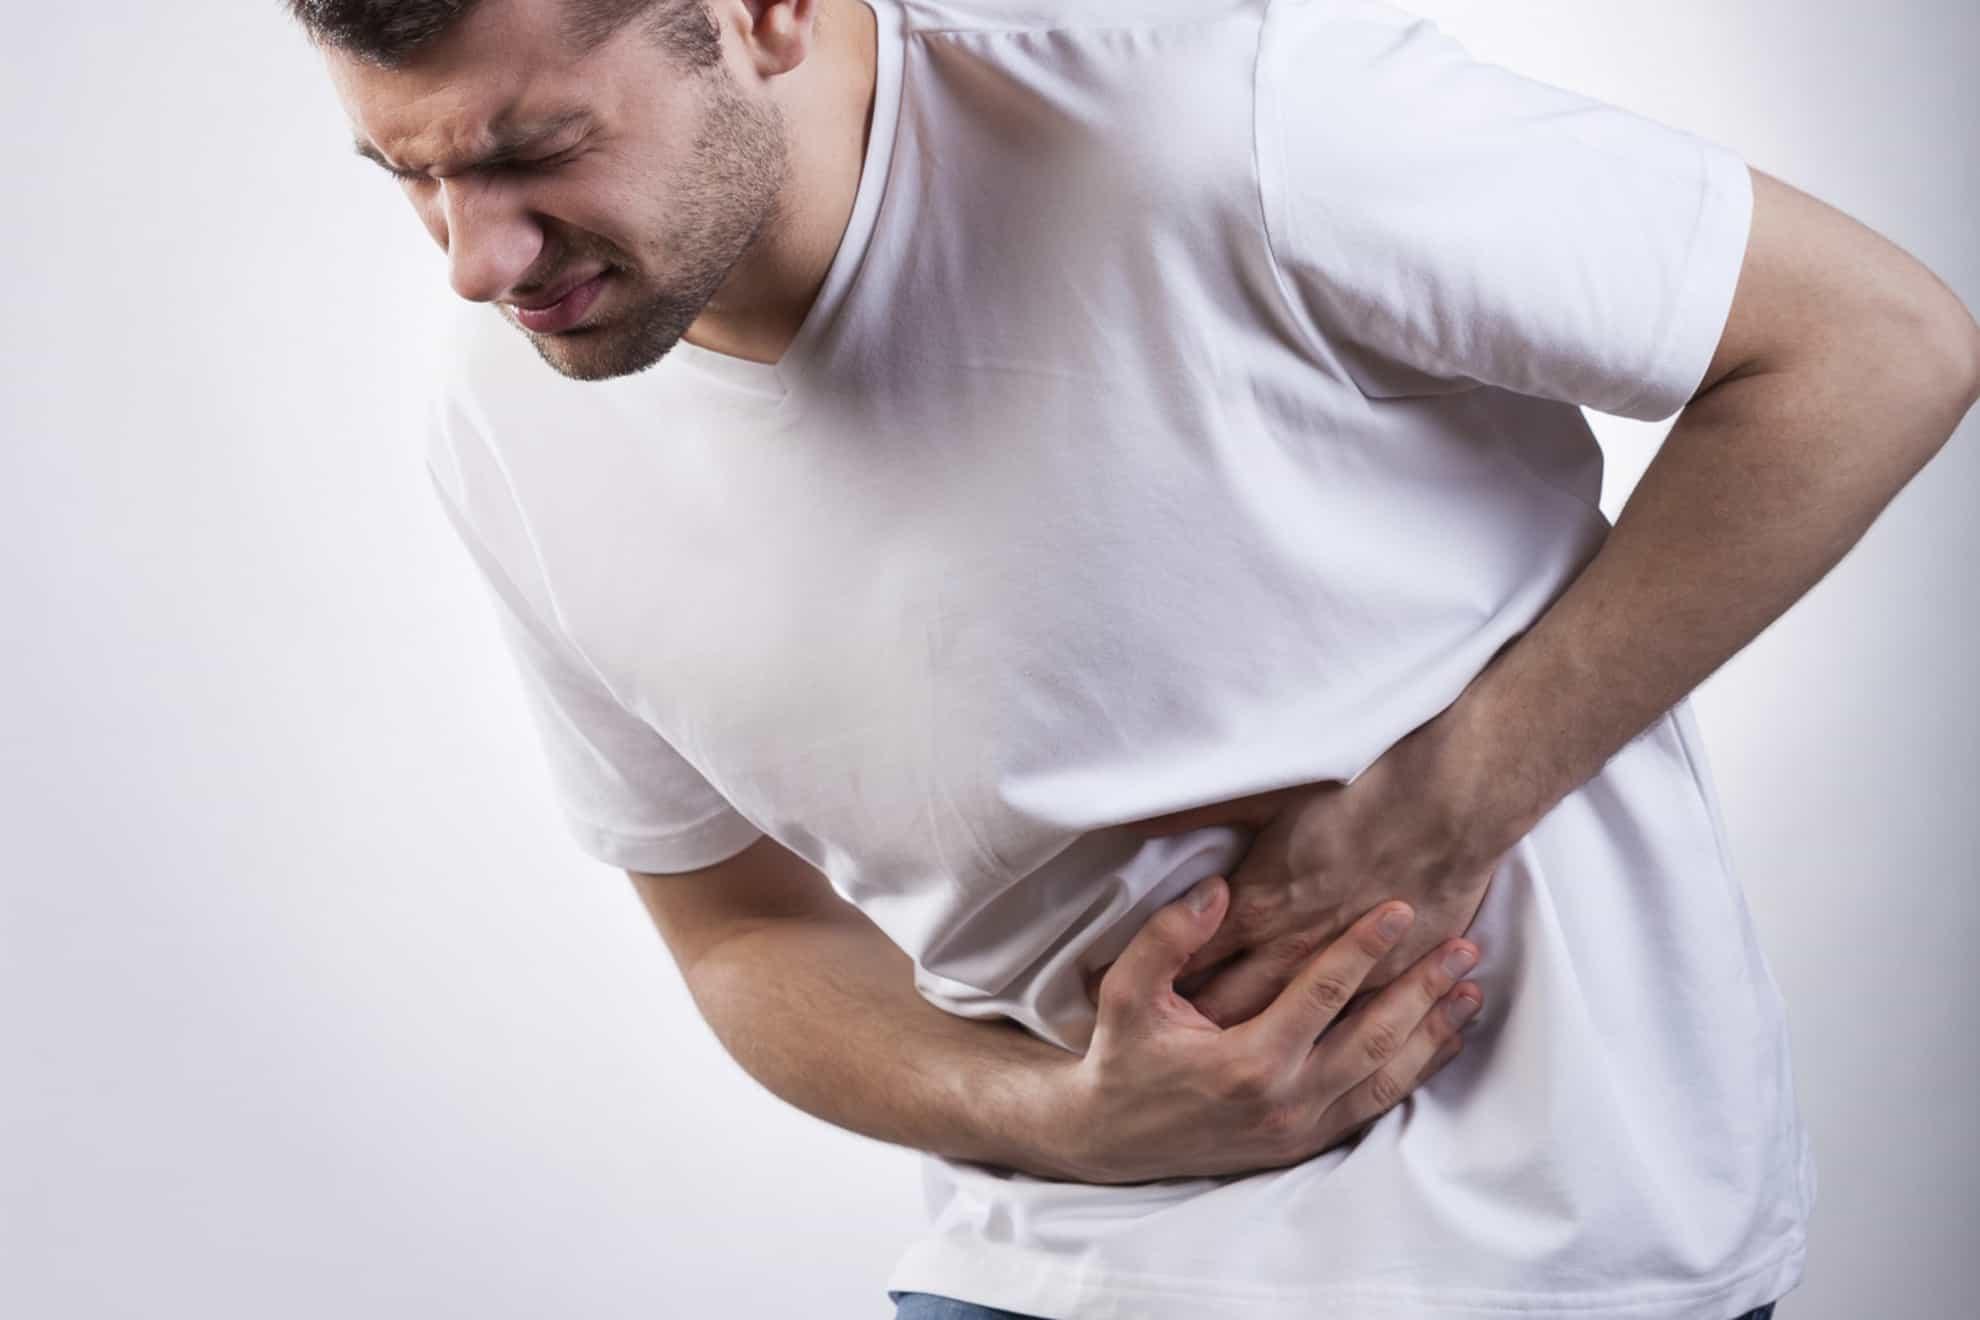 sintomas de colon inflamado lado izquierdo